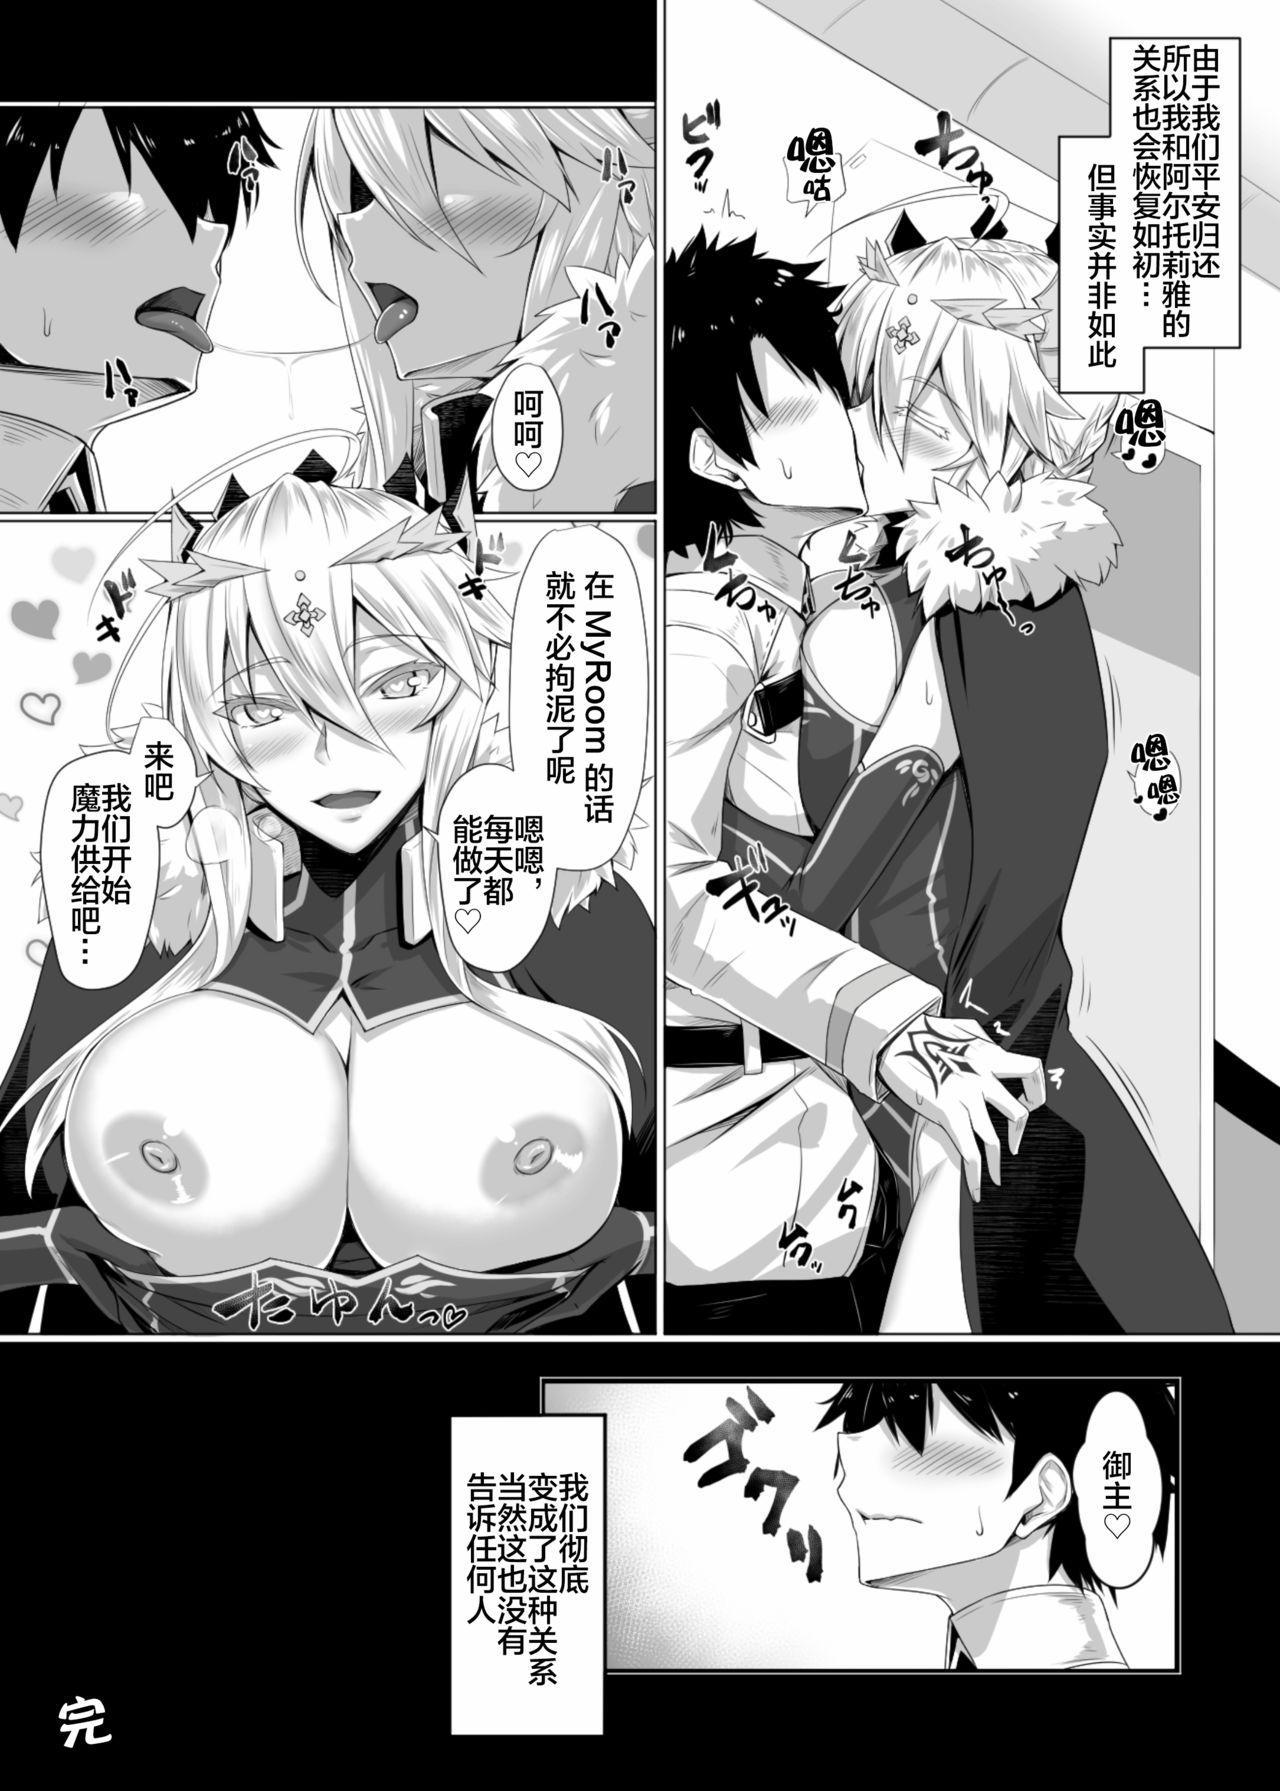 Hajimete wa Megami-sama 22